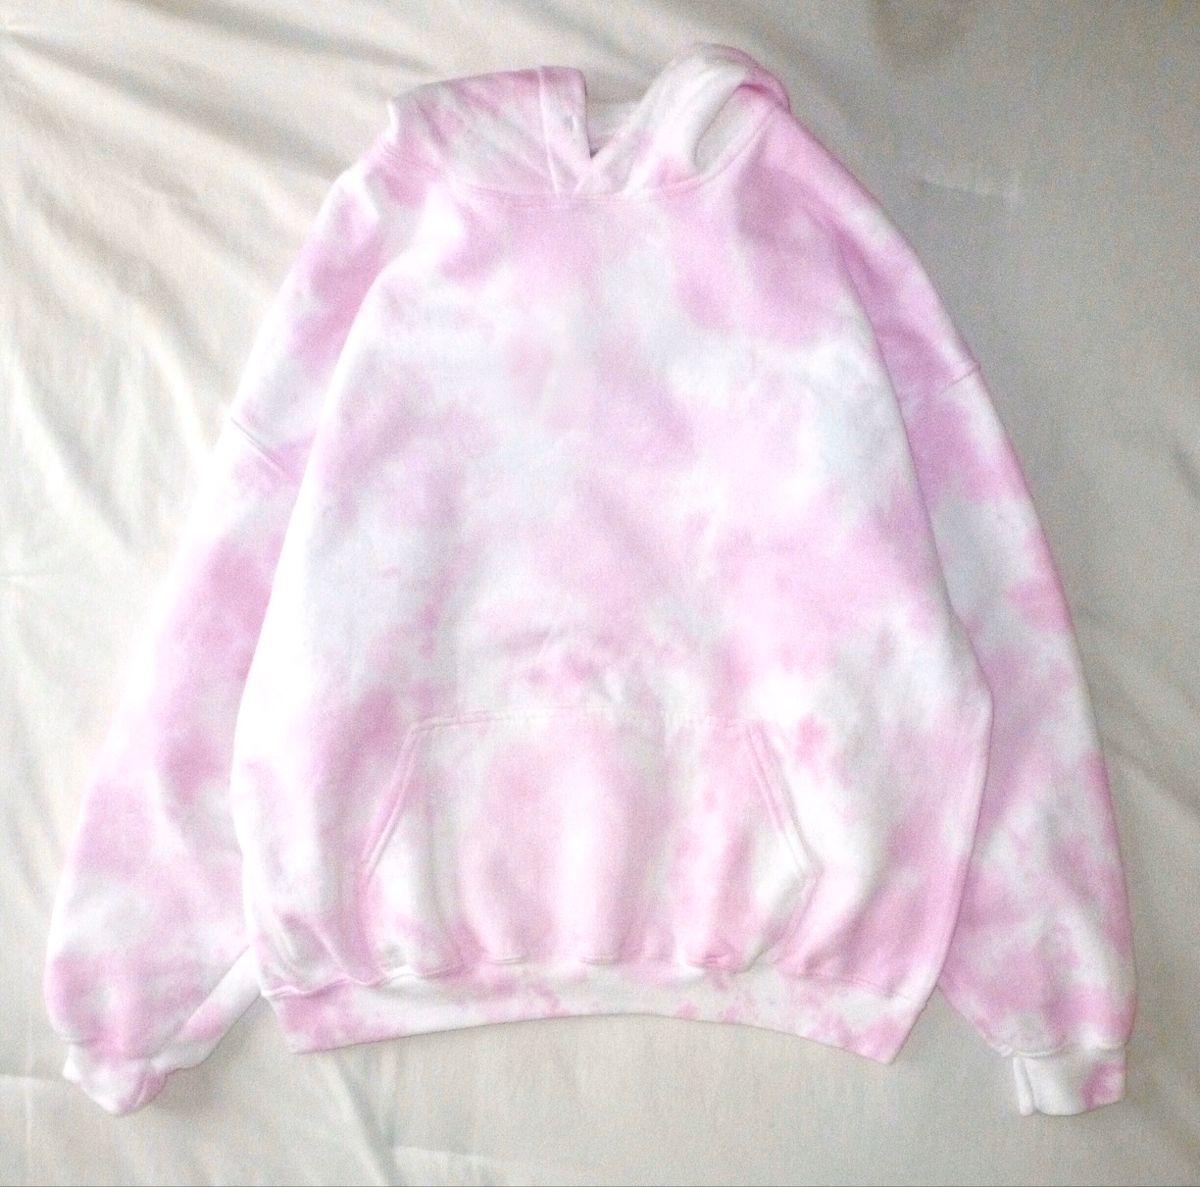 Pastel Tie Dye Sweatshirt Hoodie Etsy Tie Dye Sweatshirt Tie Dye Hoodie Pastel Tie Dye [ 1187 x 1200 Pixel ]